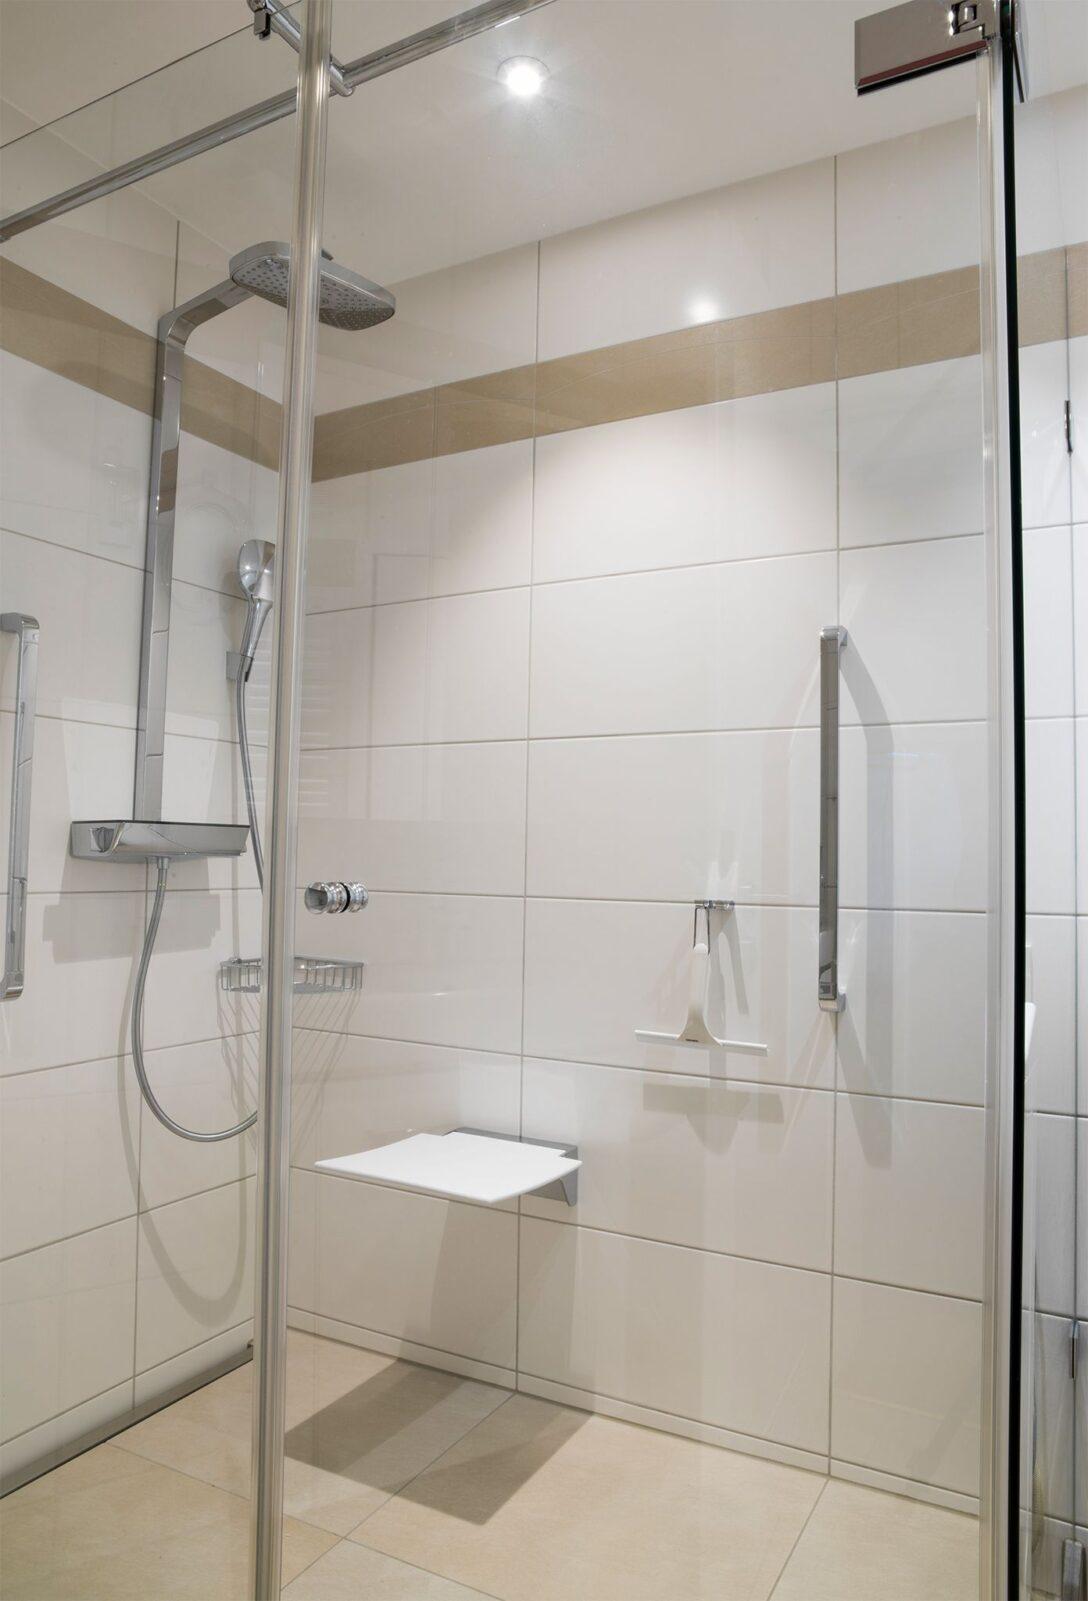 Large Size of Barrierefreies Bad Bedeutung Begehbare Duschen Dusche Ebenerdig Kaufen Hsk Bodengleich Bodengleiche Nachträglich Einbauen Behindertengerechte Rainshower Dusche Behindertengerechte Dusche